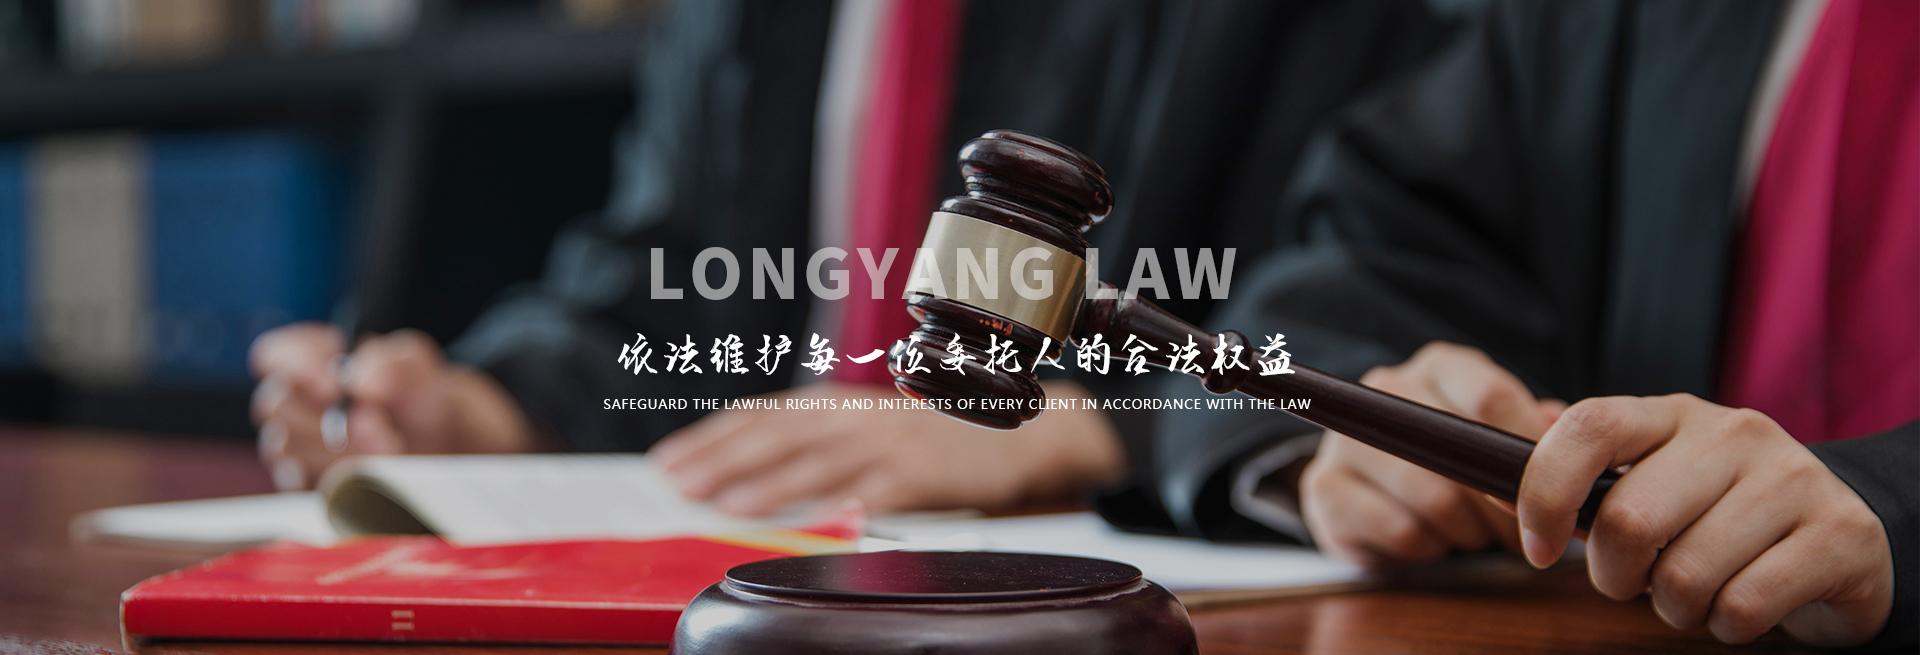 哈尔滨律师事务所